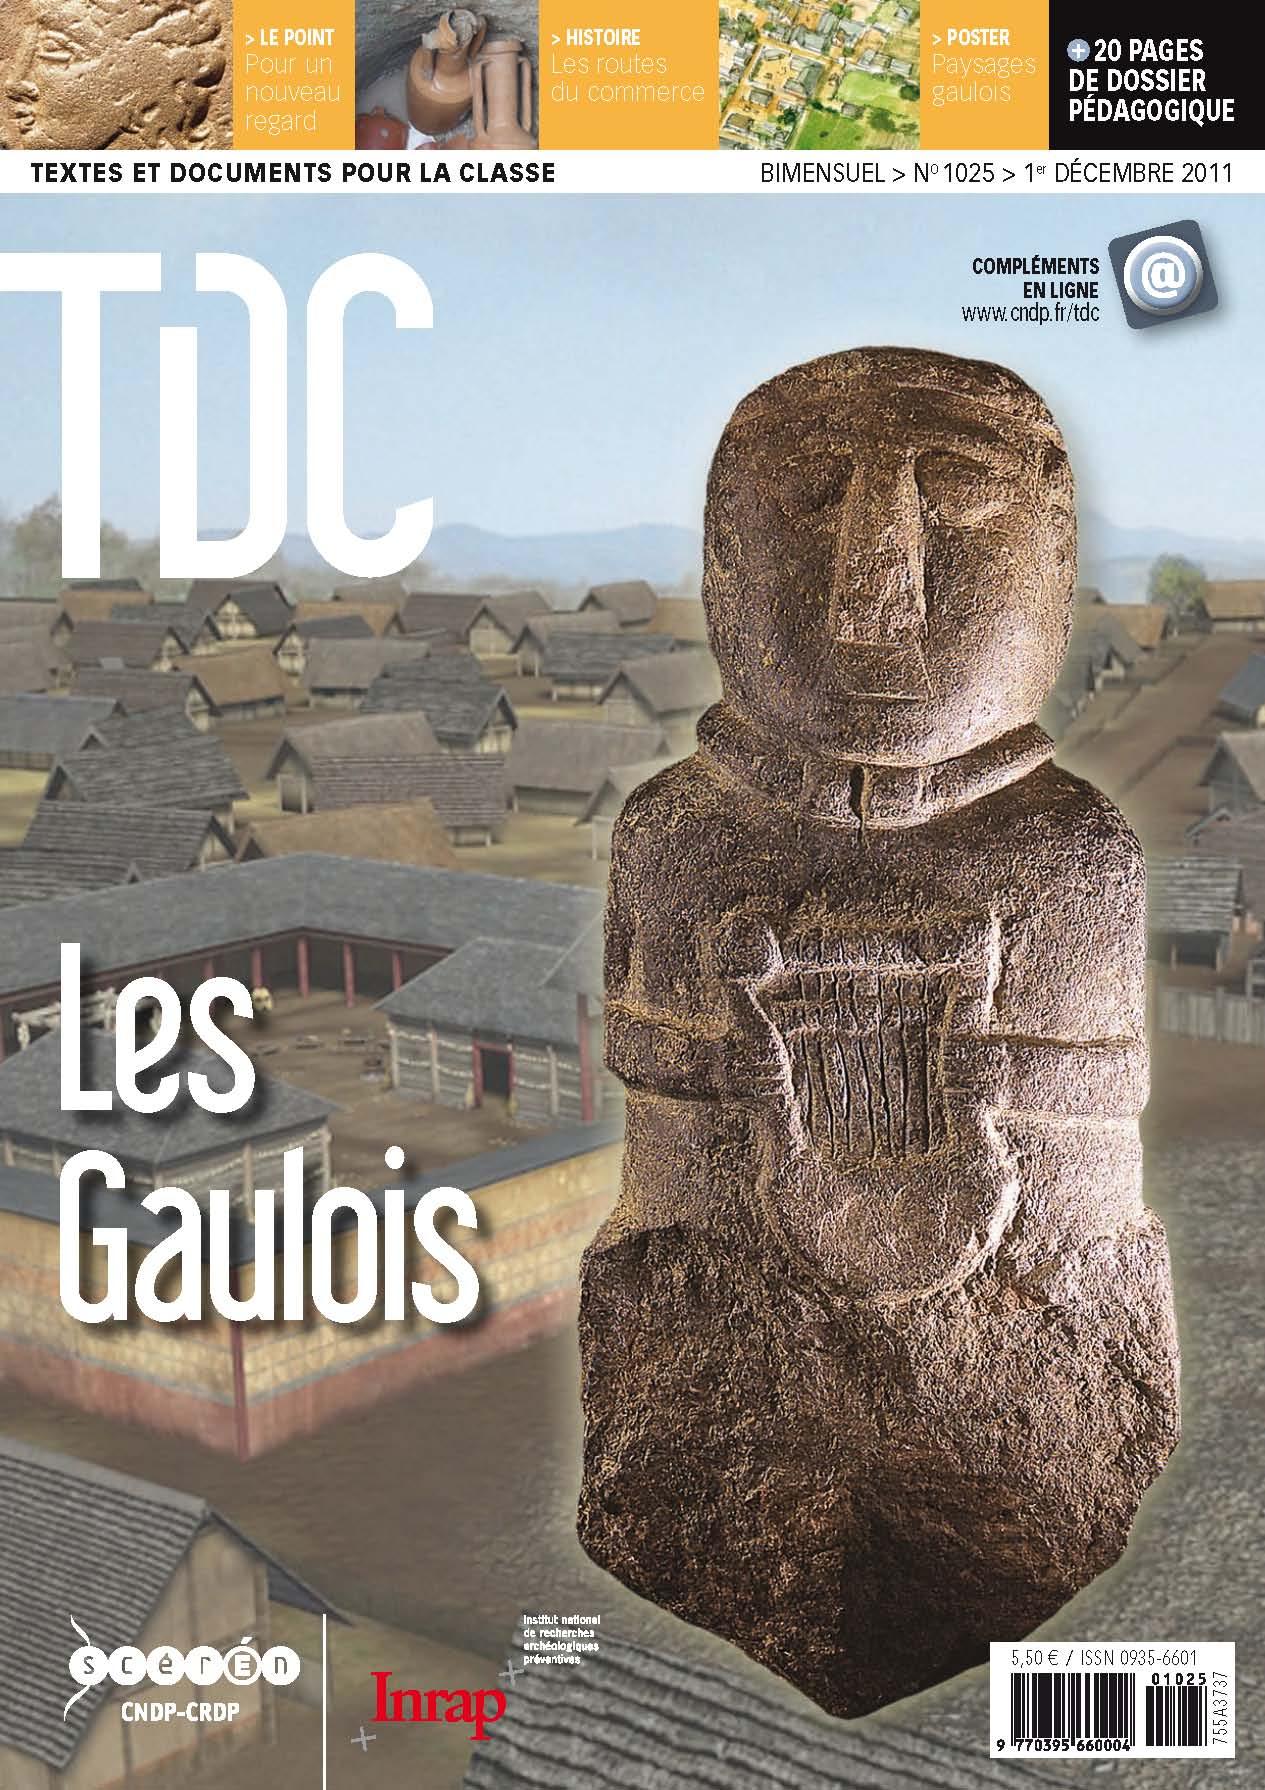 Textes et documents pour la classe n°1025 consacré aux Gaulois